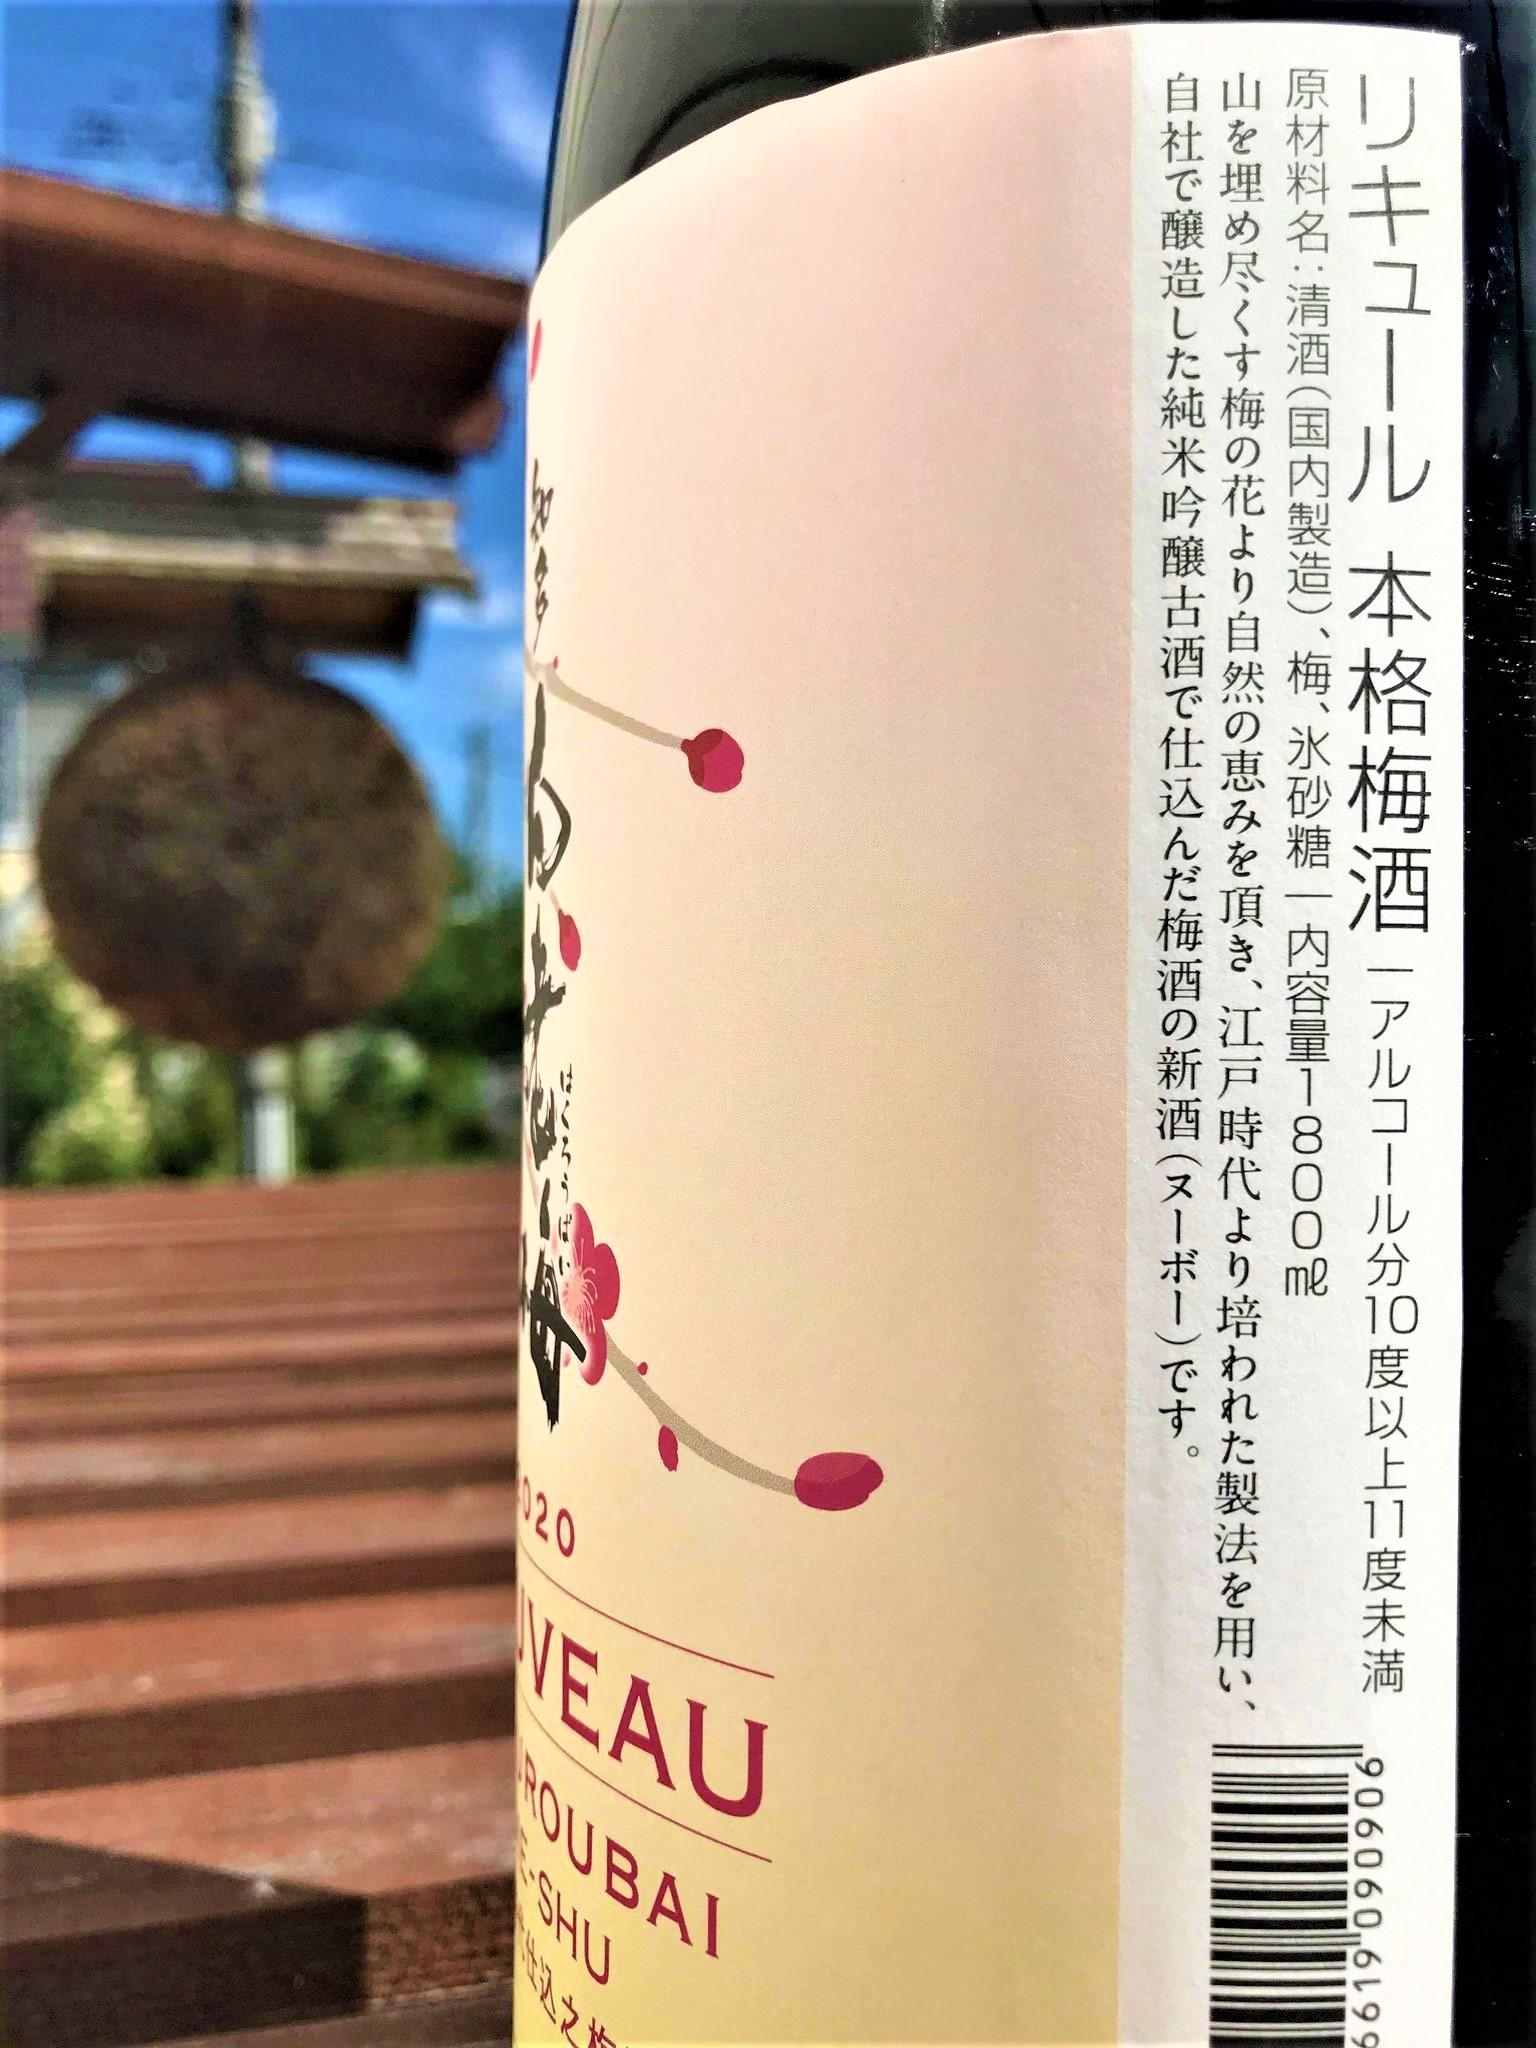 【地梅酒】知多⭐白老梅 NOUVEAU🎊2020ver 江戸時代仕込乃梅酒🏯特別限定蔵出し_e0173738_10200676.jpg